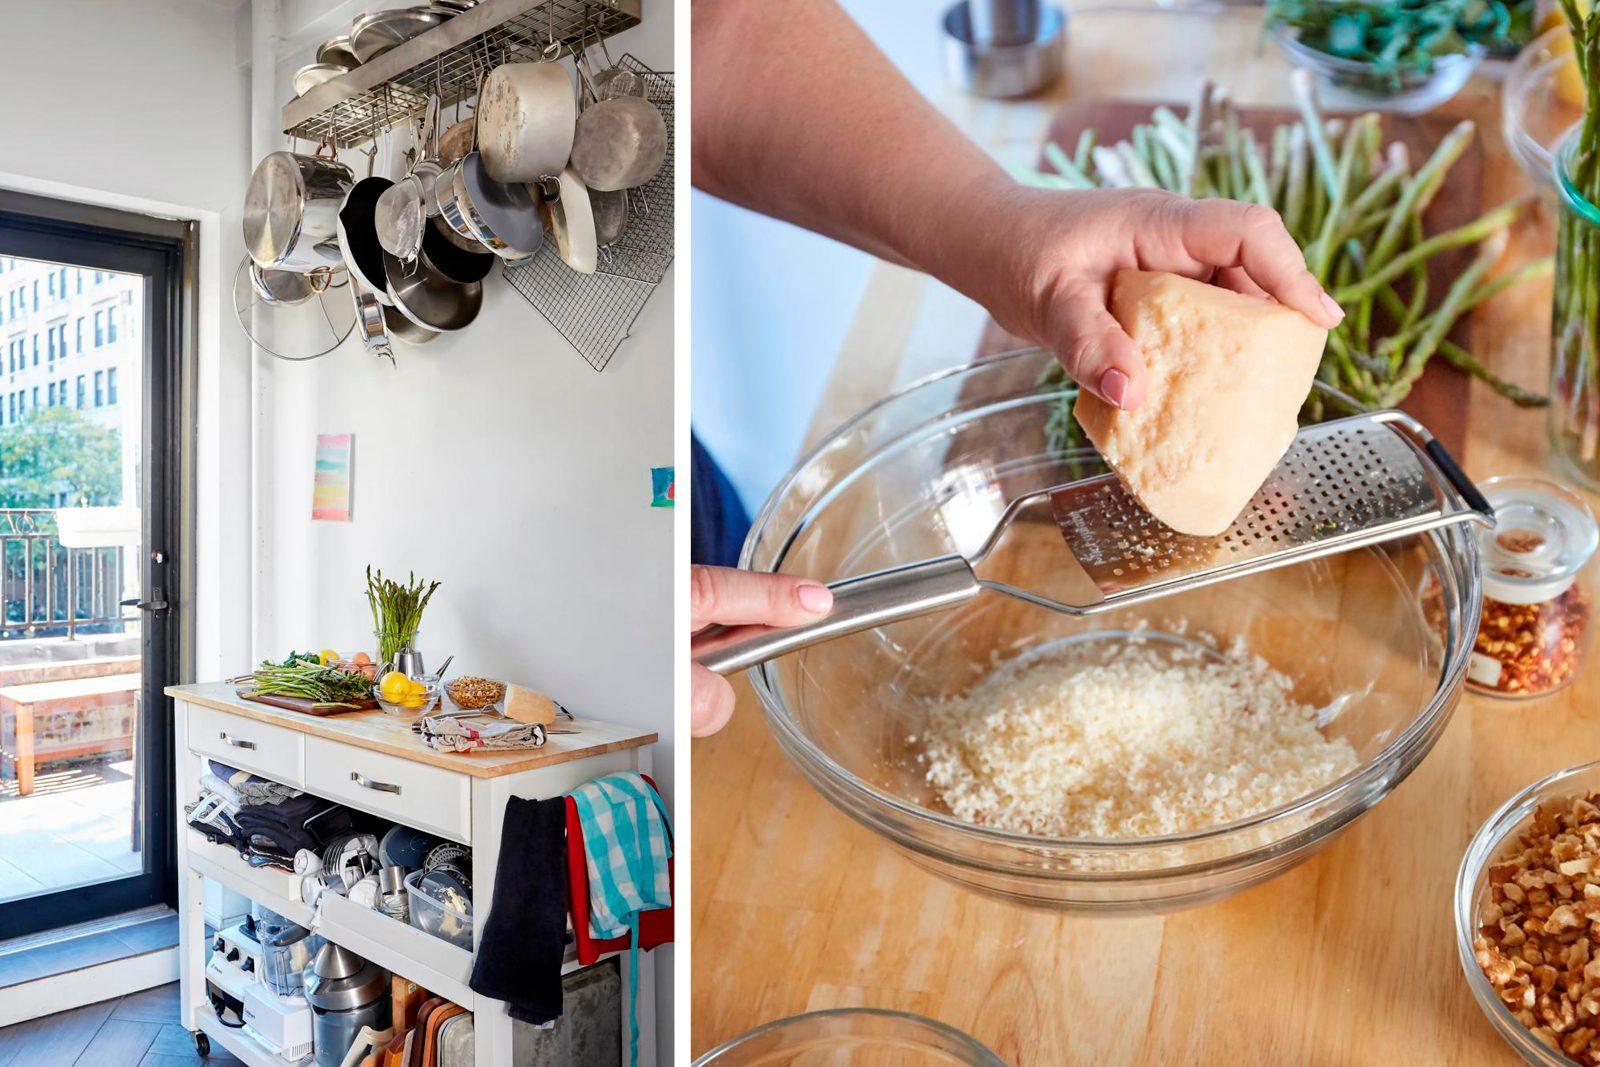 Deb Perelman's kitchen